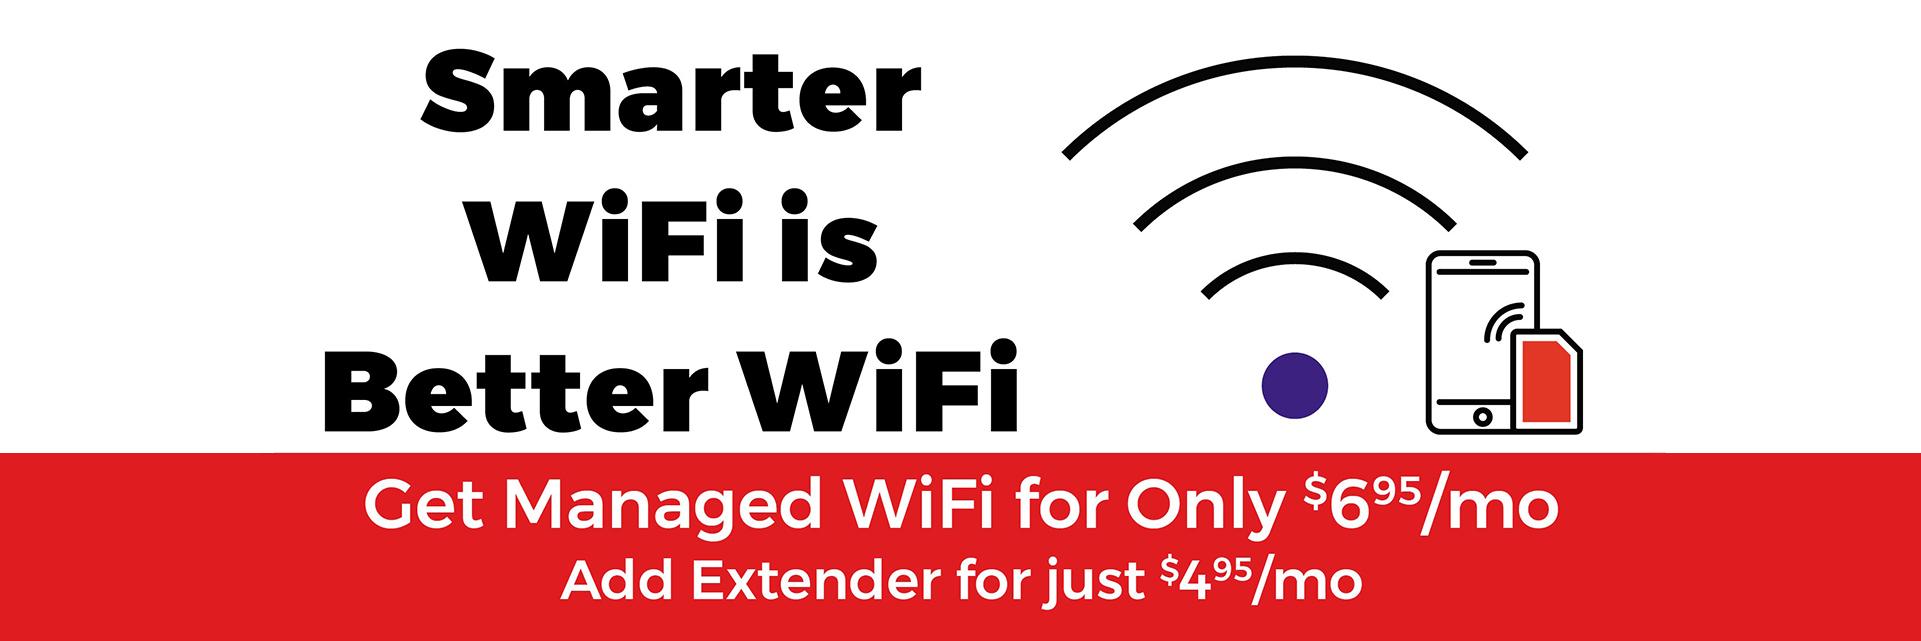 Smarter WiFi